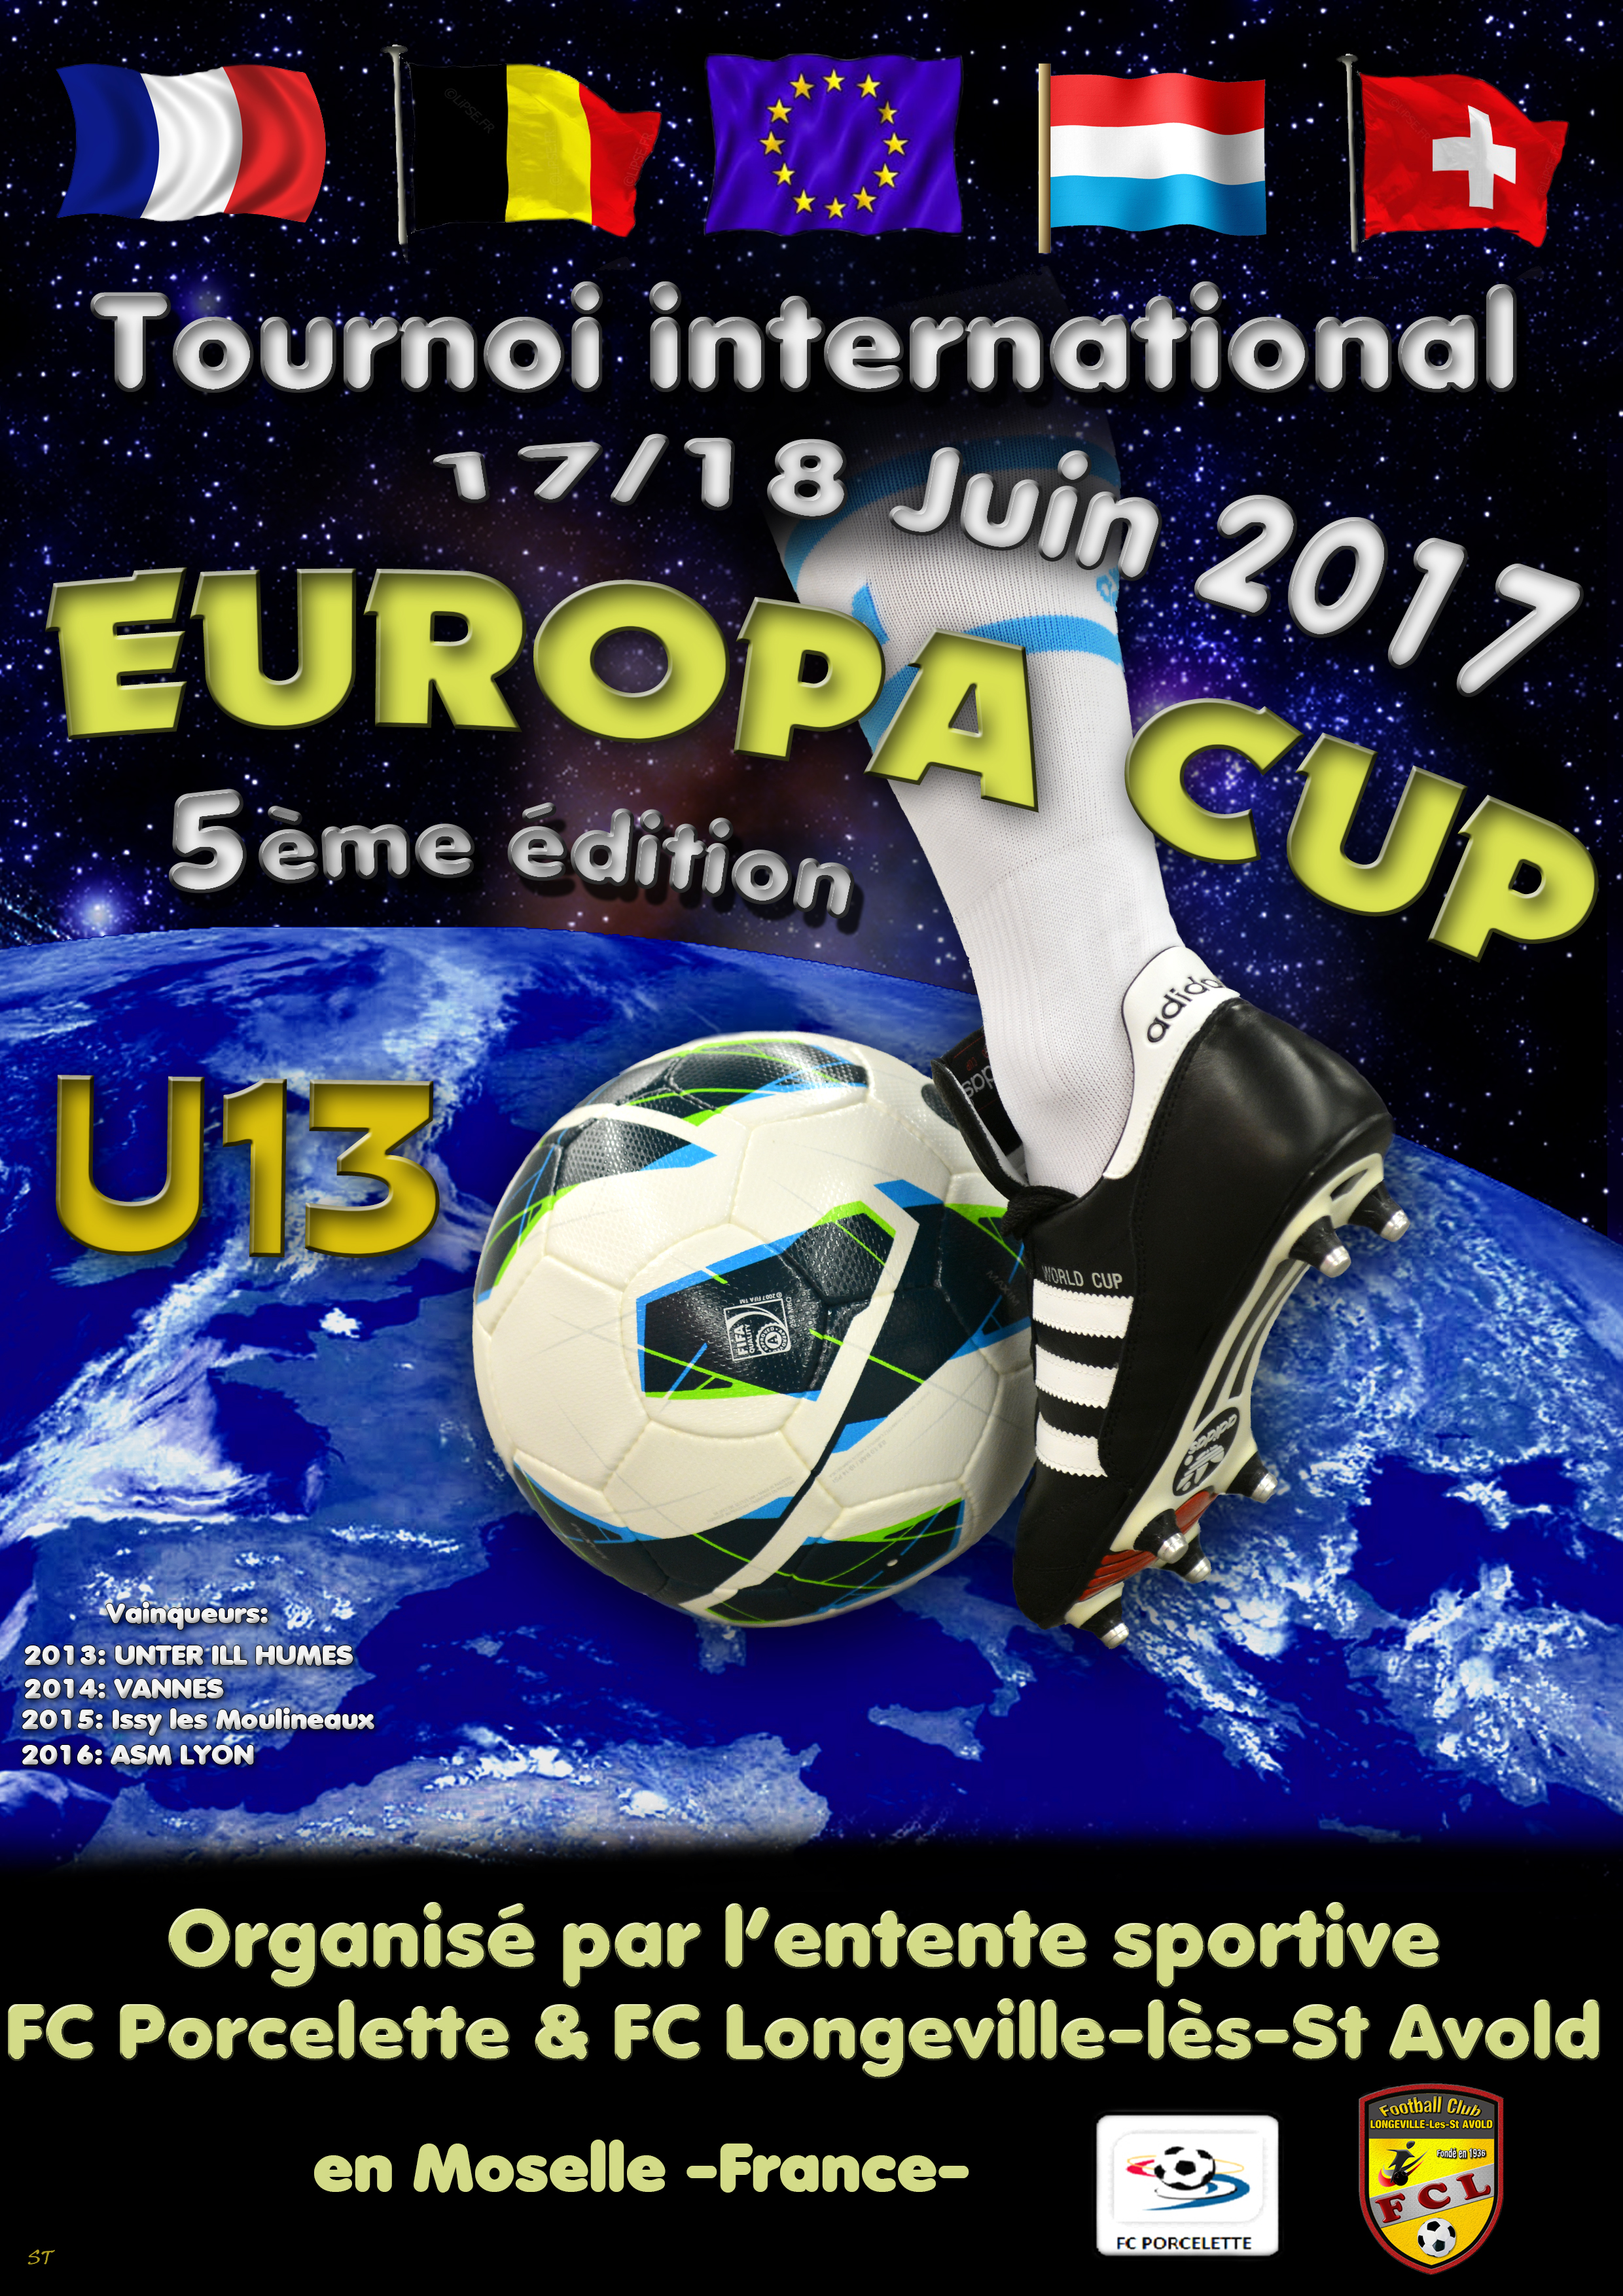 europa cup site officiel du tournoi de foot de longeville les st avold footeo. Black Bedroom Furniture Sets. Home Design Ideas